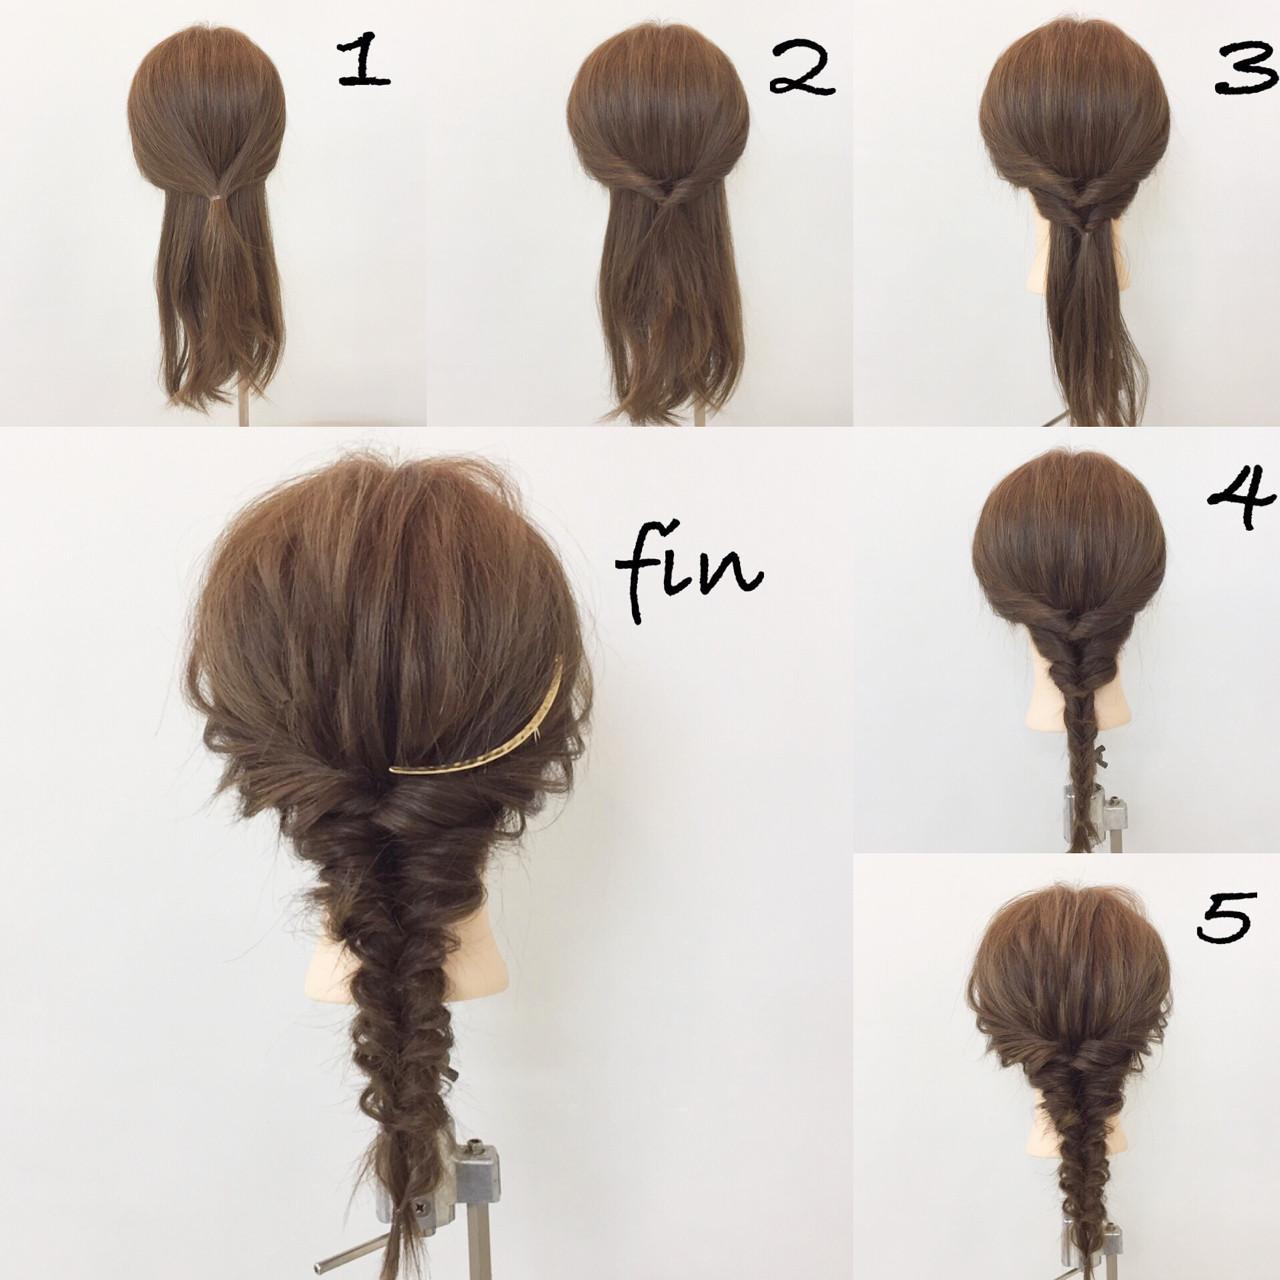 連続くるりんぱアレンジ!  1、サイドの髪を結びます! 2、その髪をくるりんぱします! 3、その下をくるりんぱします! 4、後ろに来る髪を下までくるりんぱします! 5、全体的に崩します! ヘアアクセつけて完成です!!